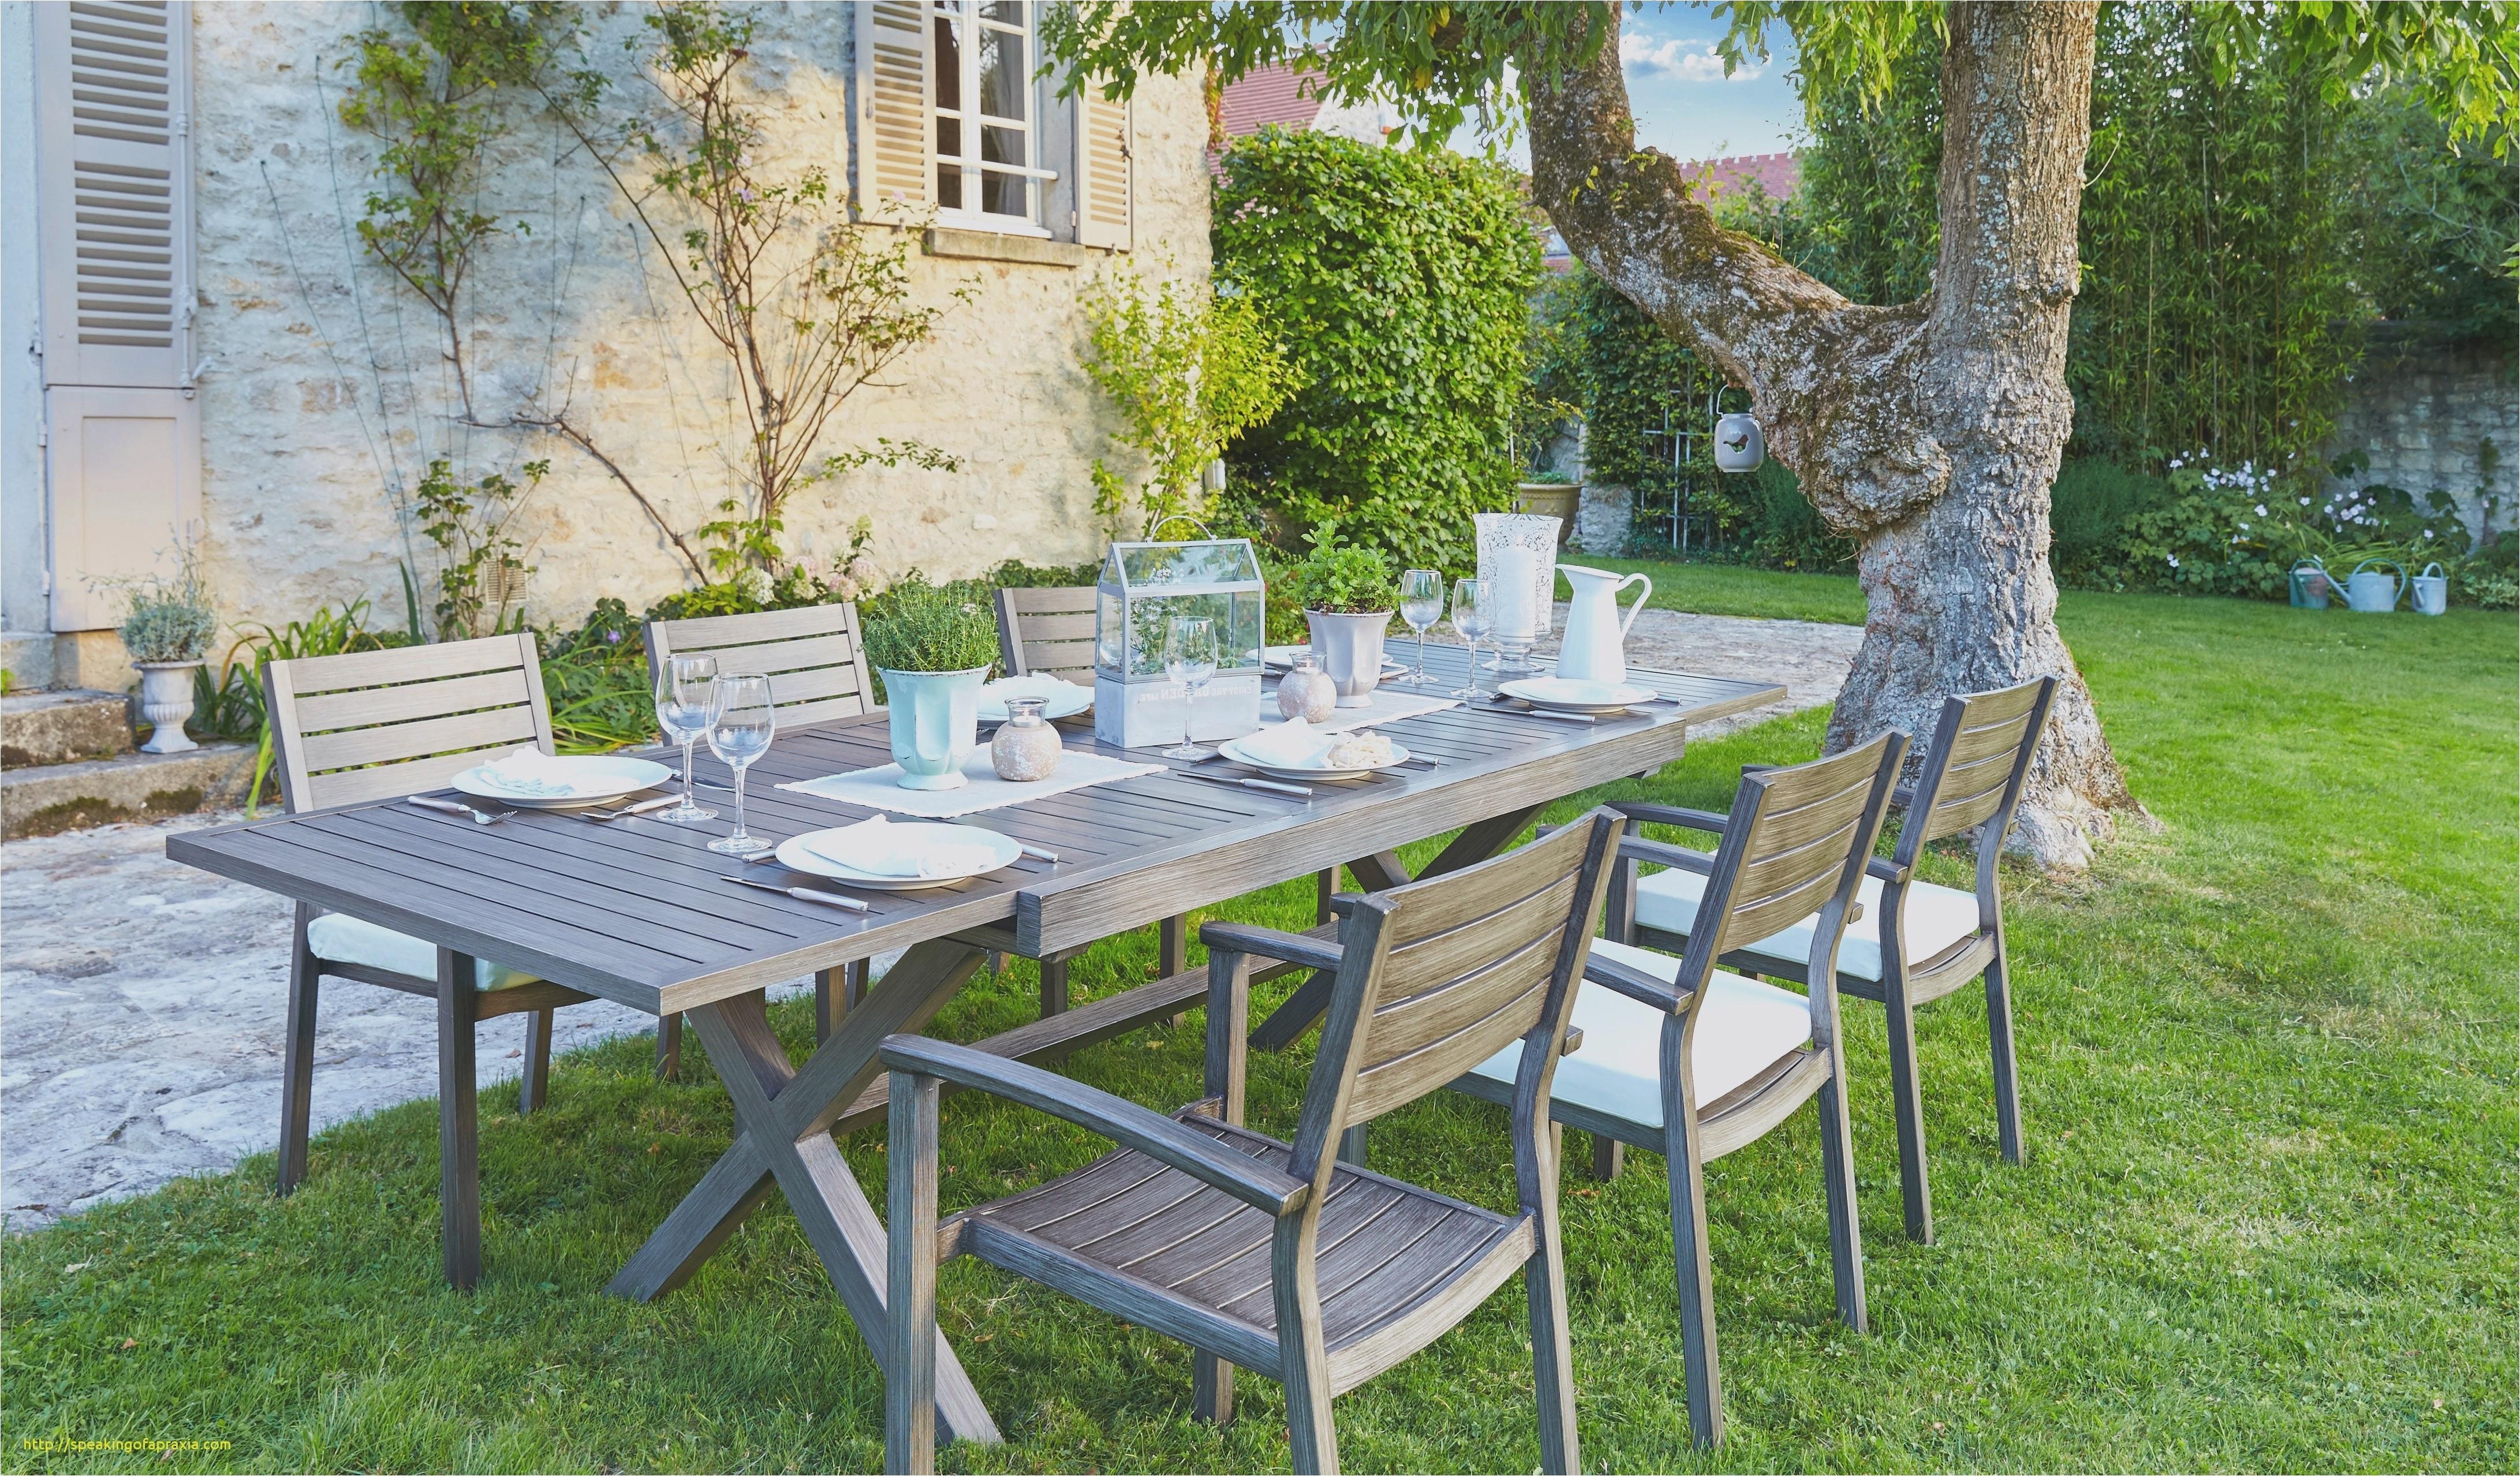 Table Pliante Carrefour Luxe Photos Table Et Chaise Pliante Chaise Pliante Carrefour Canape Carrefour 0d